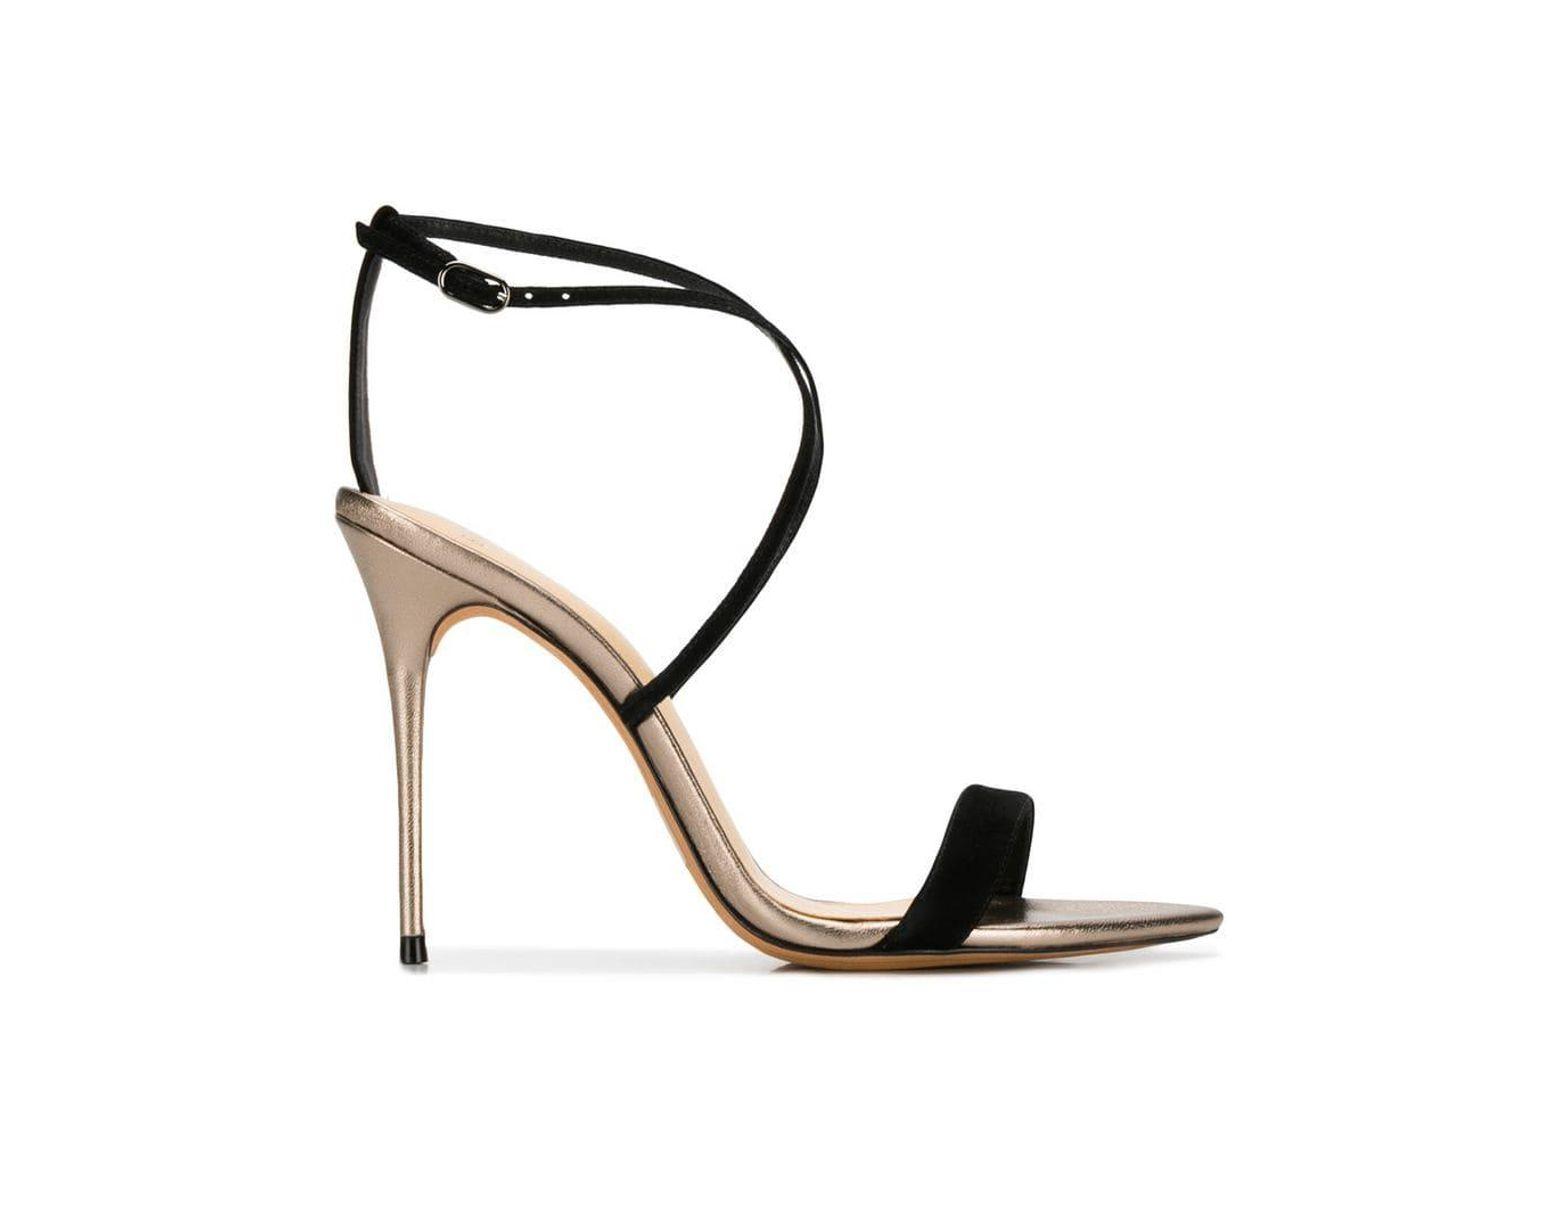 b54850db85 Alexandre Birman Smart Cocktail 100 Sandals in Black - Save 40% - Lyst